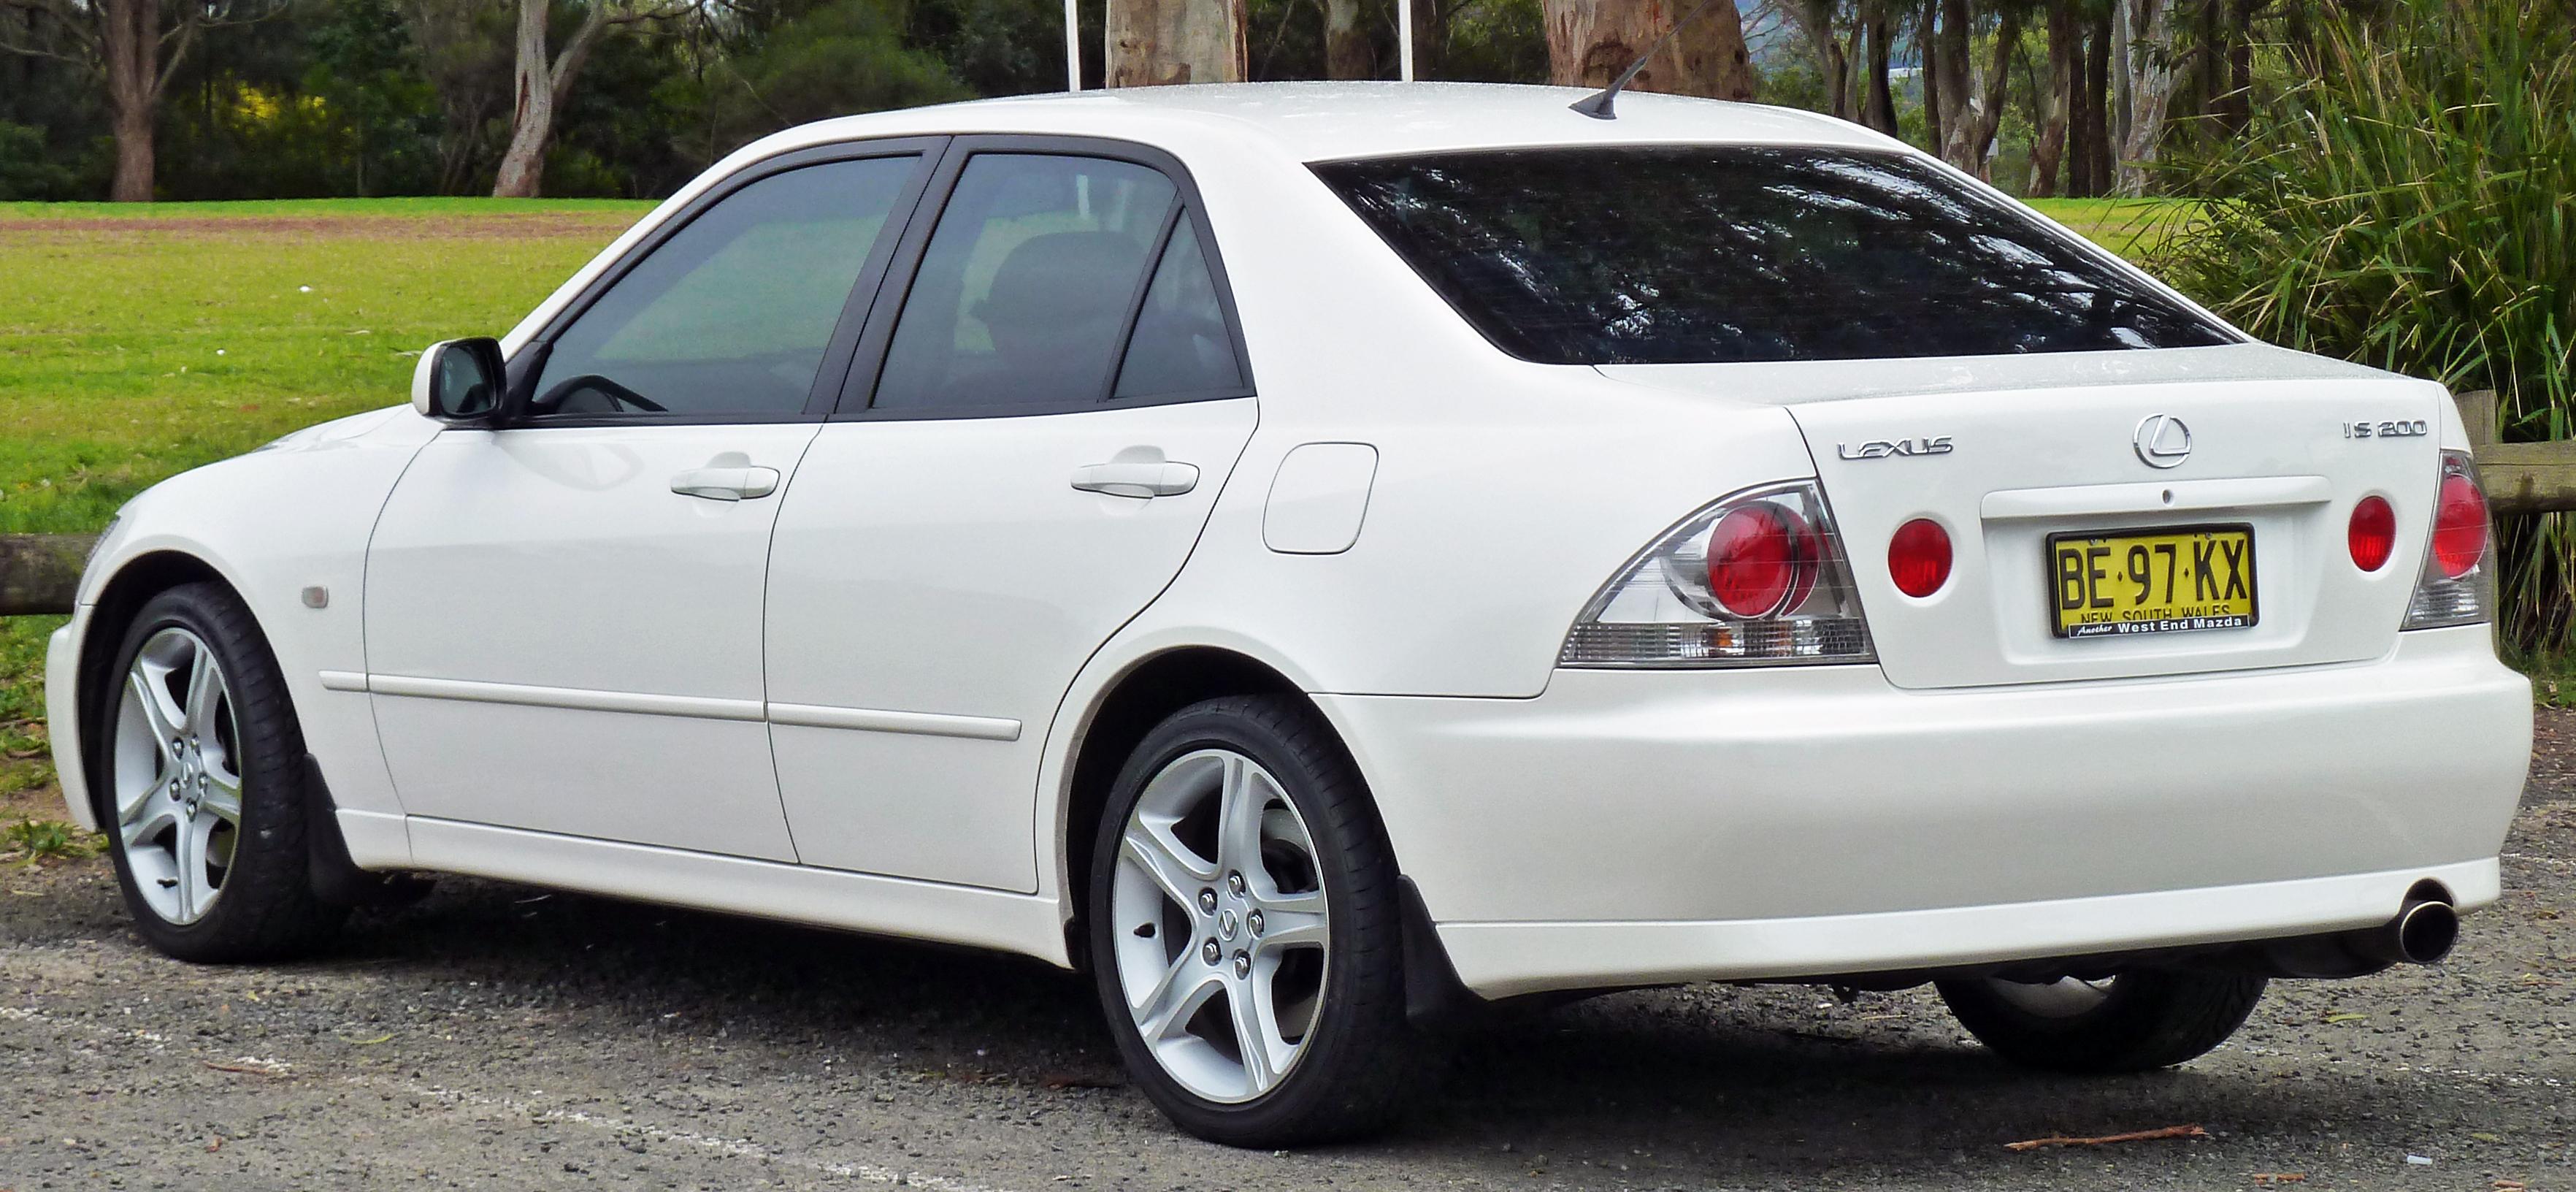 LEXUS IS 200 Luxury année 2000